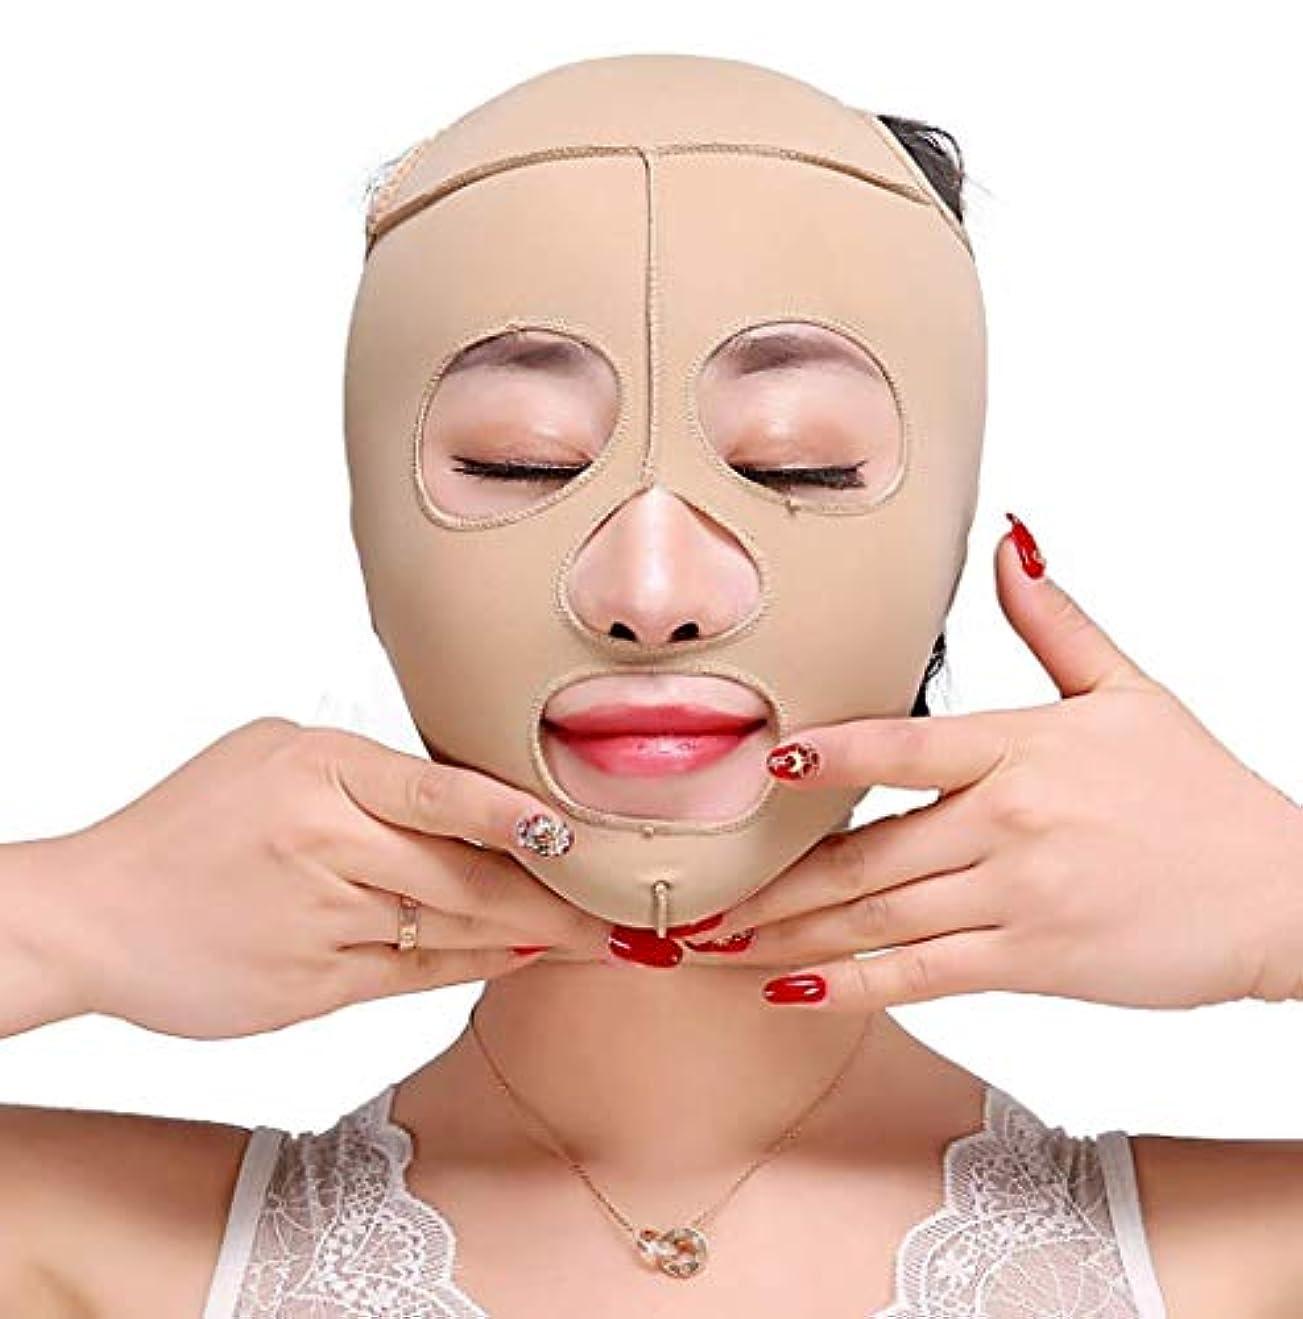 ラベル帽子寄付する引き締めフェイスマスク、スリミングベルトフェイスリフティングバンデージスモールVフェイスマスクフェイスリフティングフェイスマスクバンデージリフティングファーミングVフェイスビューティーフェイスマスクスモールフェイスバンデージヘッドギア...